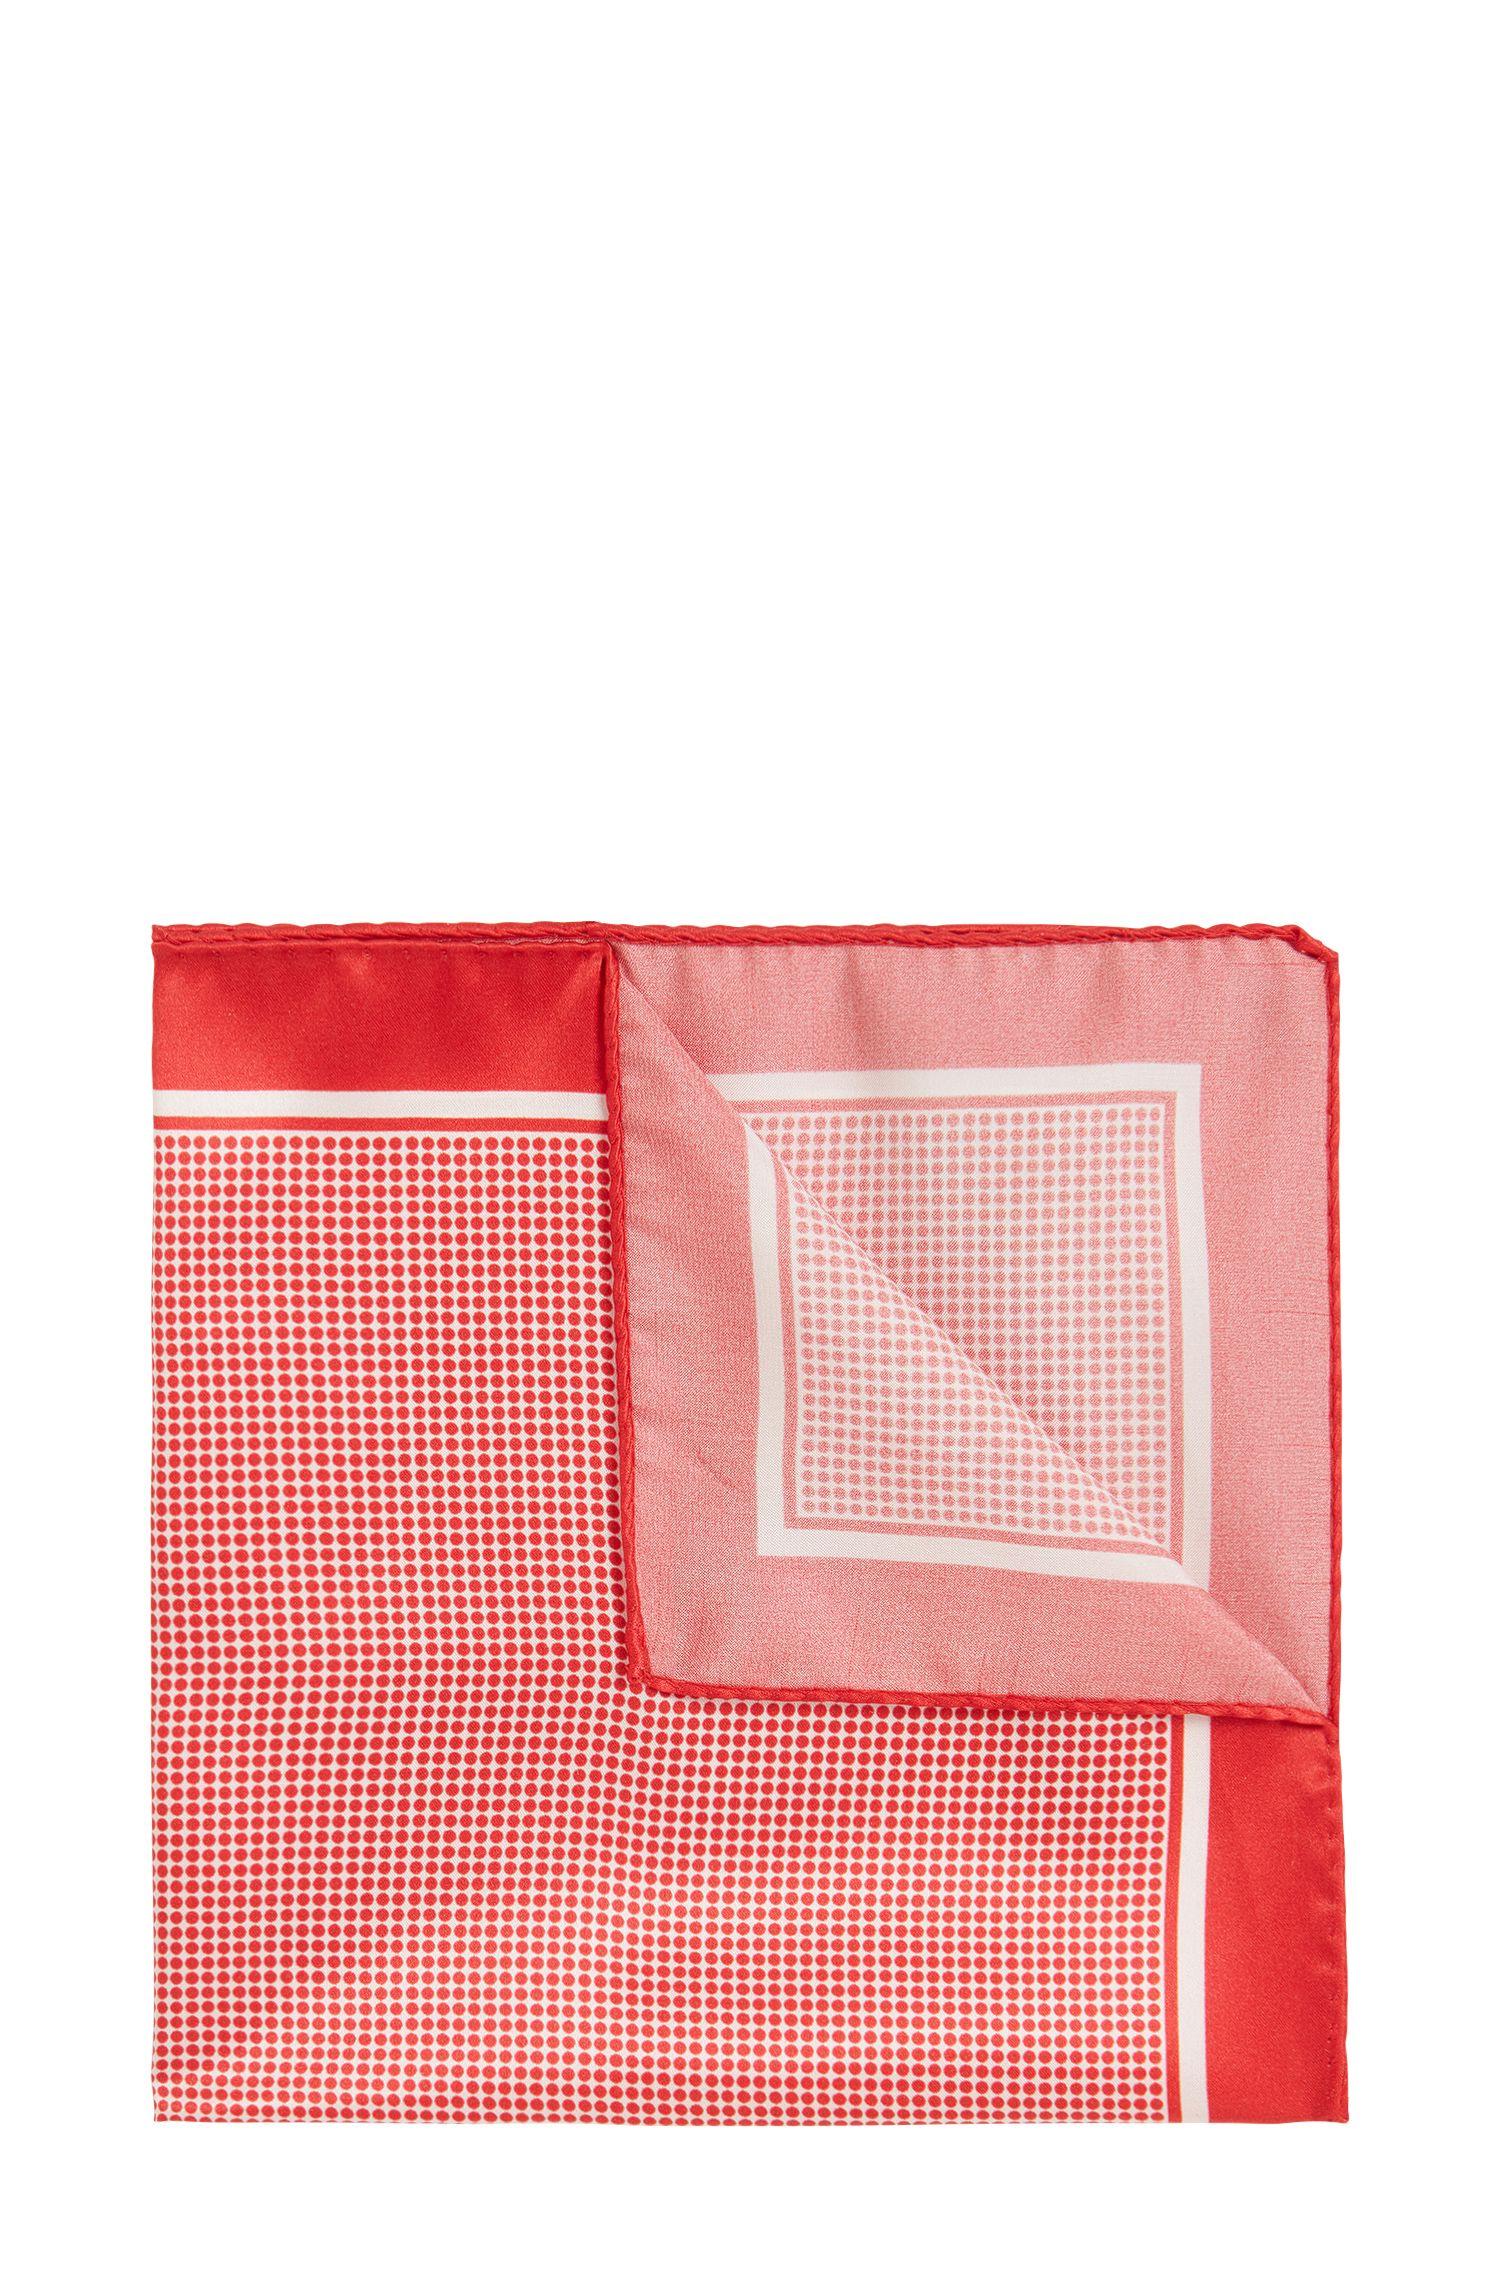 Pañuelo de bolsillo fabricado en Italia con estampado de lunares